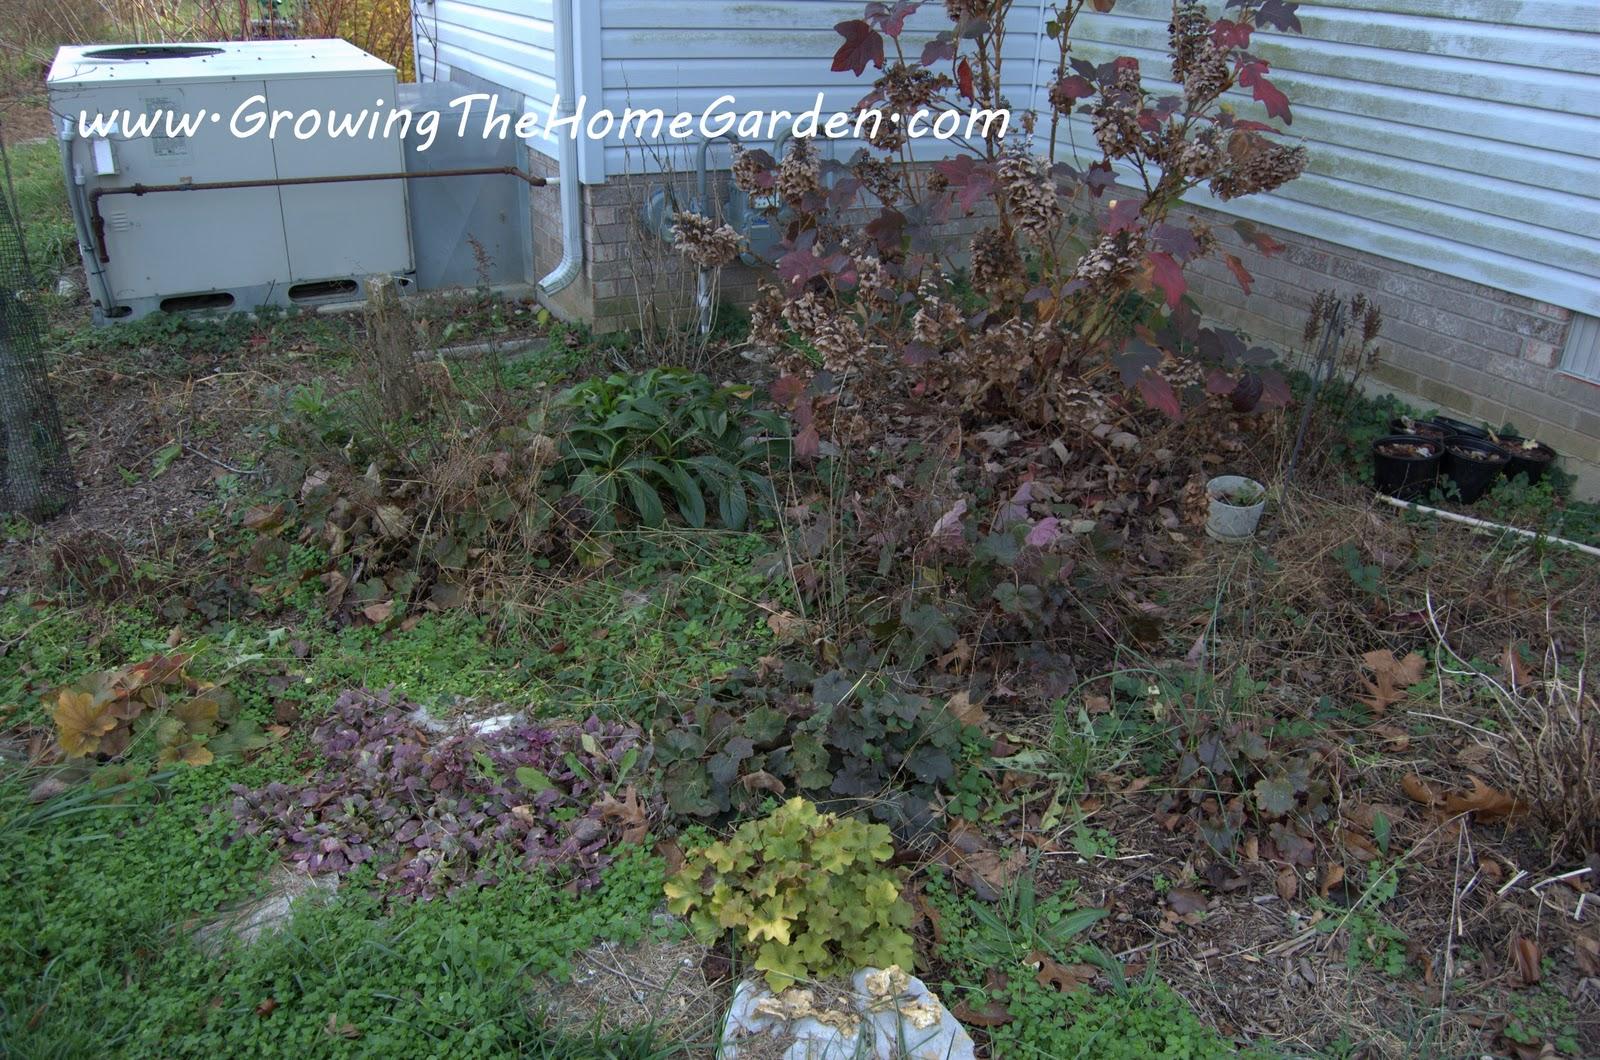 shooting around the garden growing the home garden